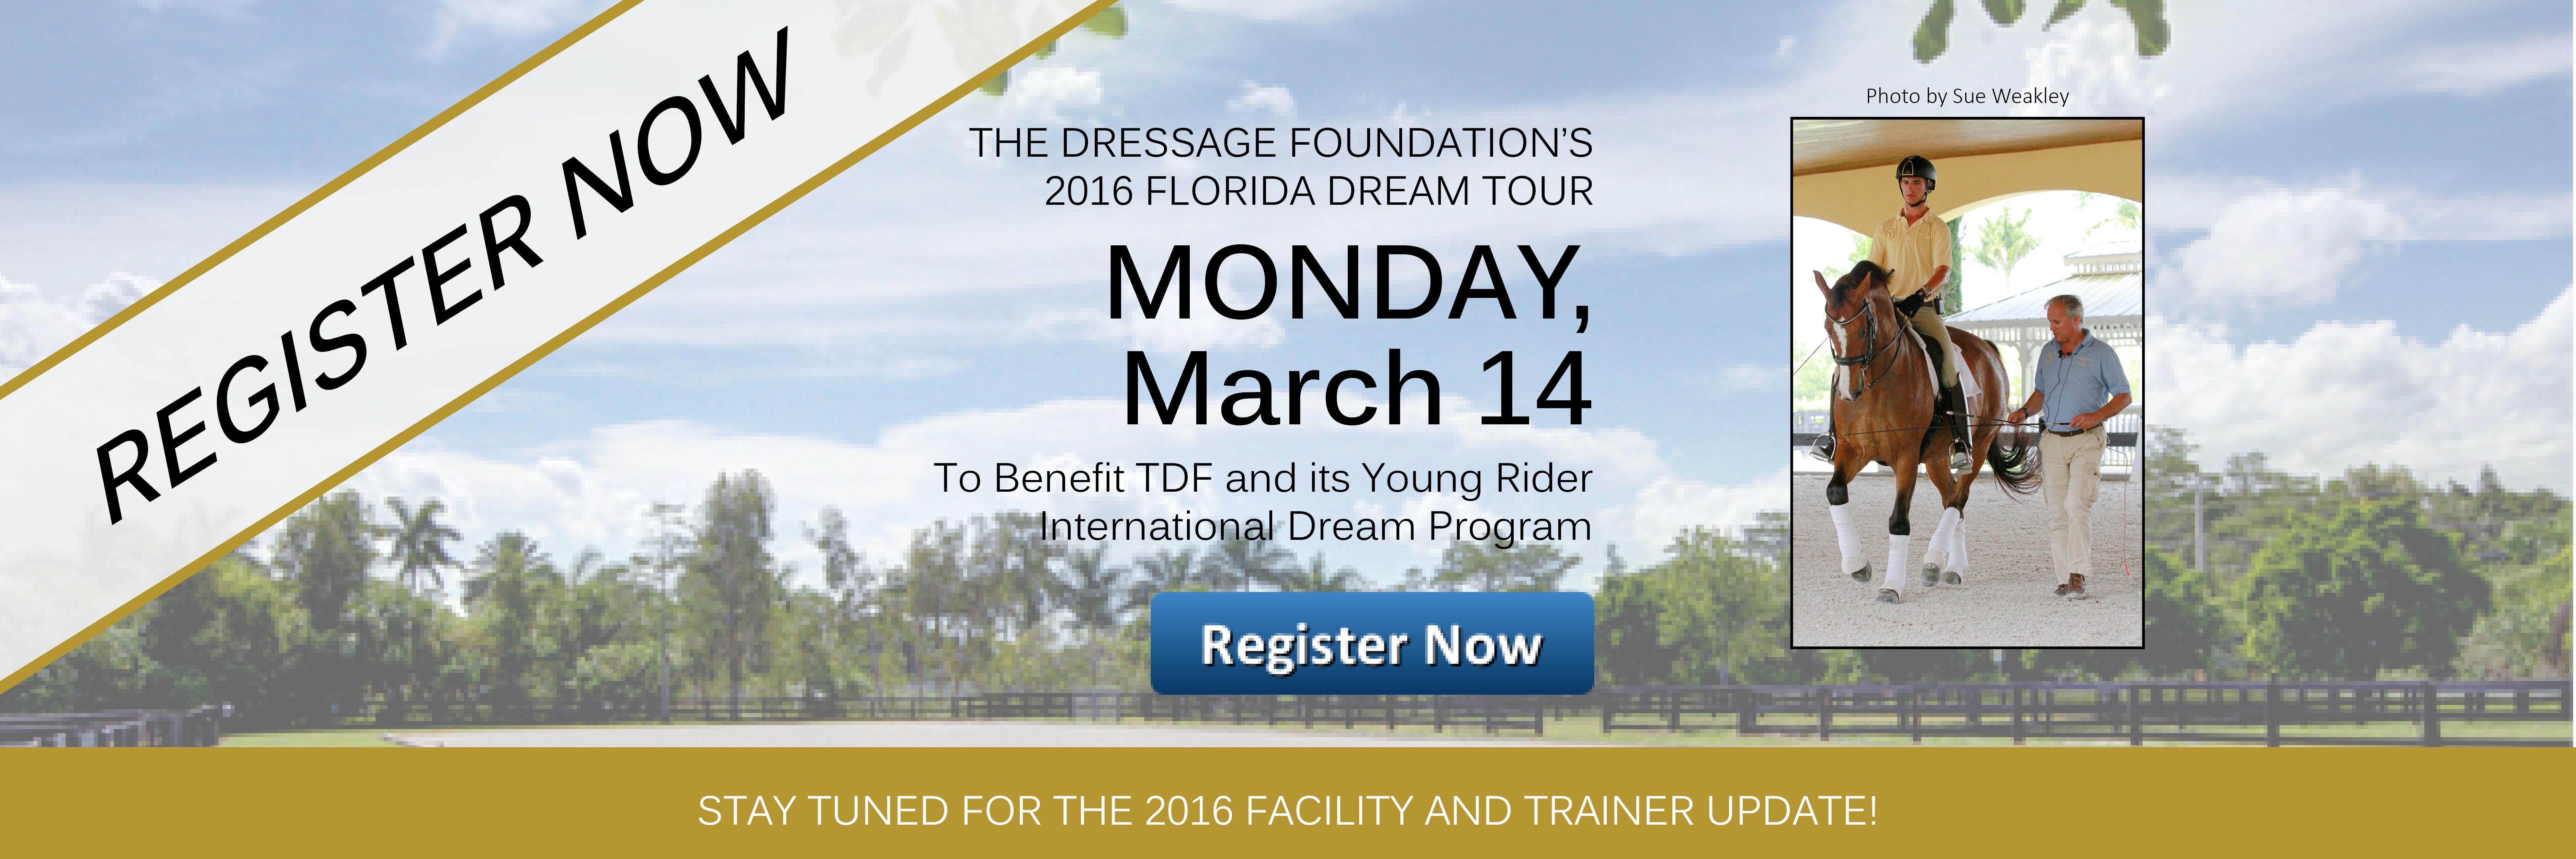 2016 Register Now FL Tour